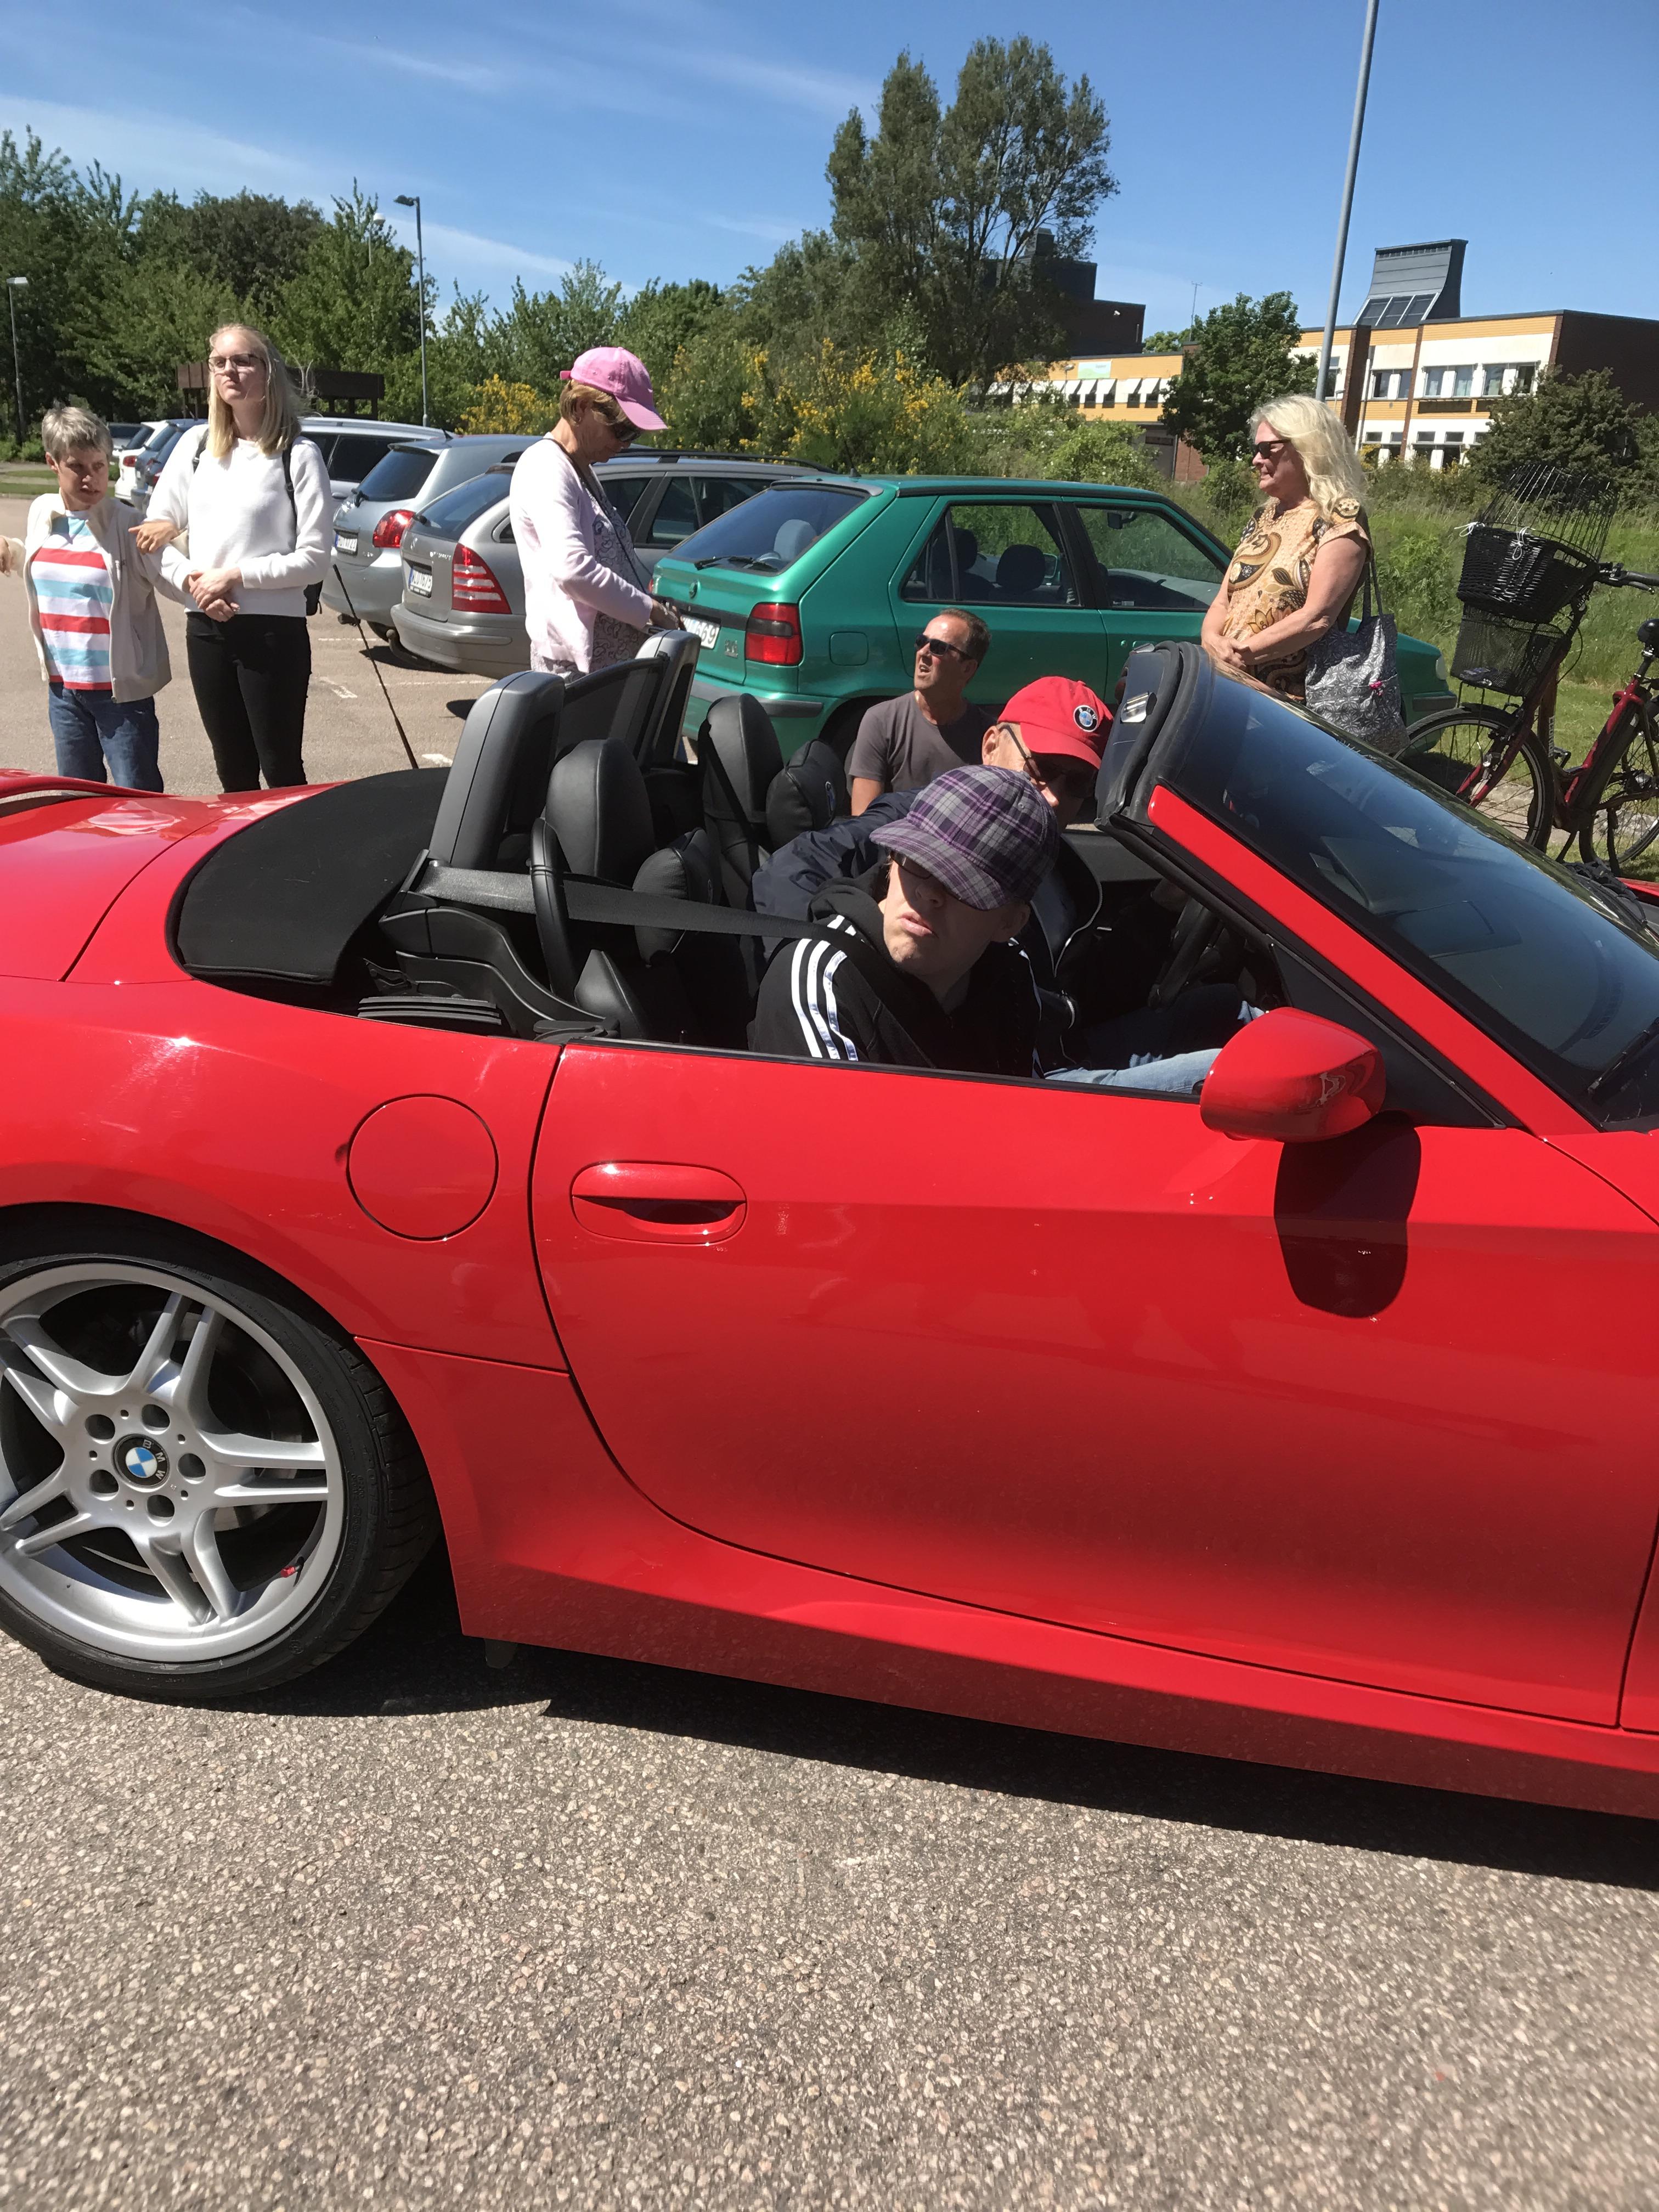 Jennyann i en fin bil